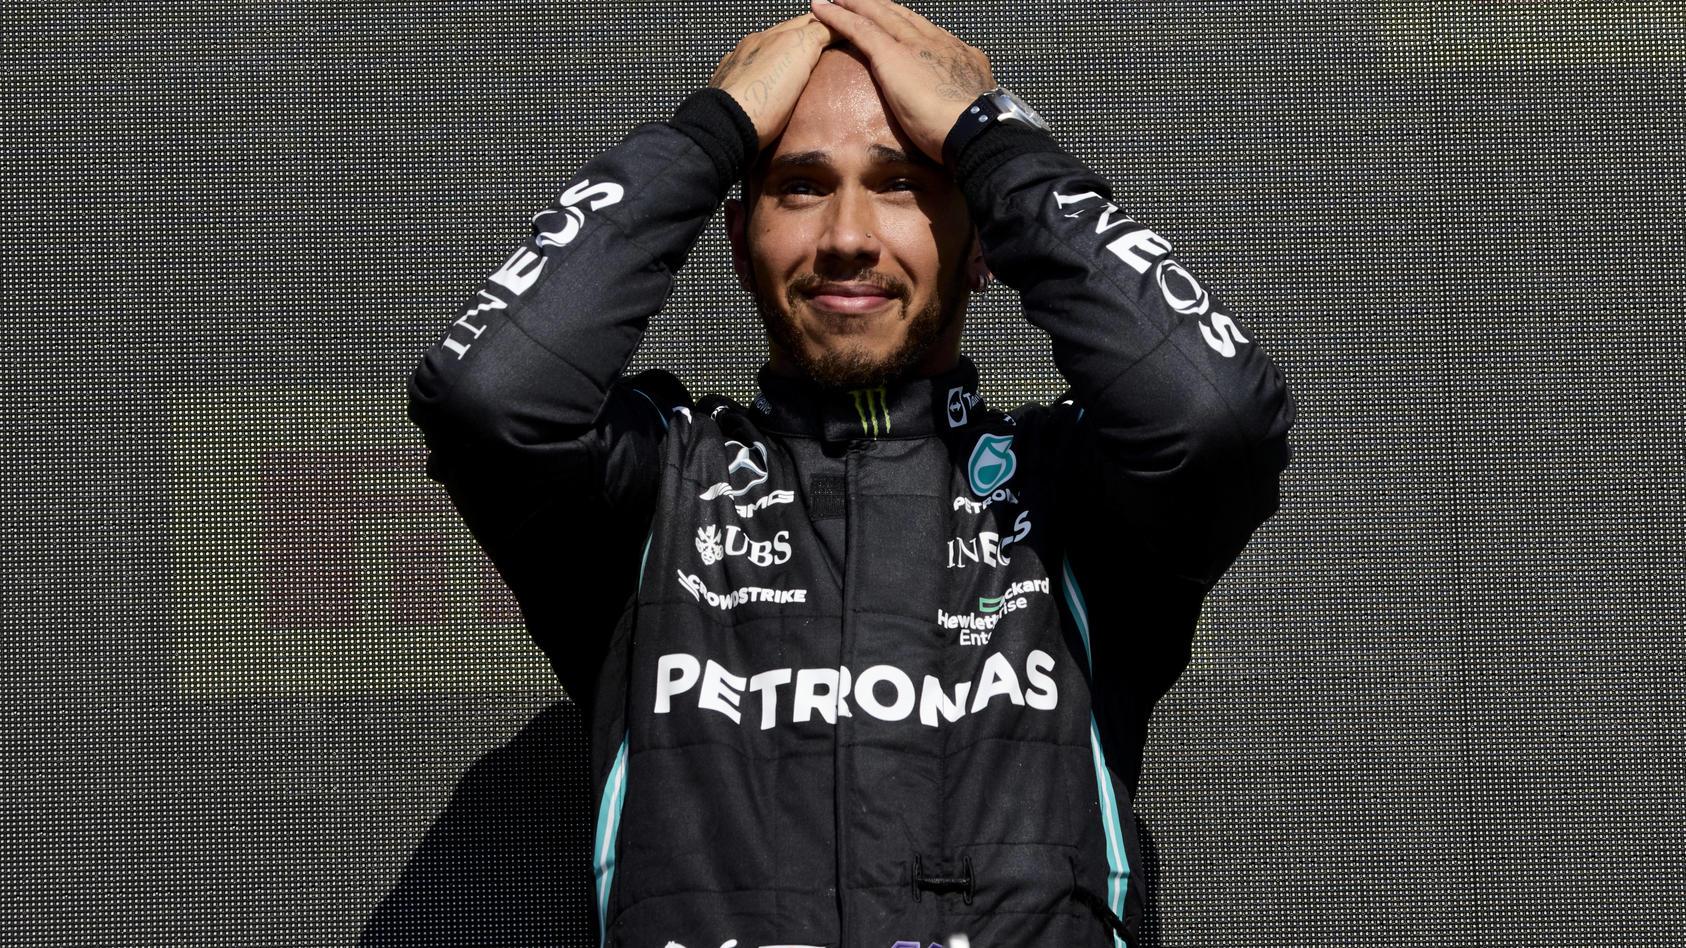 Dass er auf seine 'alten' F1-Tage noch zum Simulator-Fahrer wird, hätte Lewis Hamilton sicher auch nicht gedacht